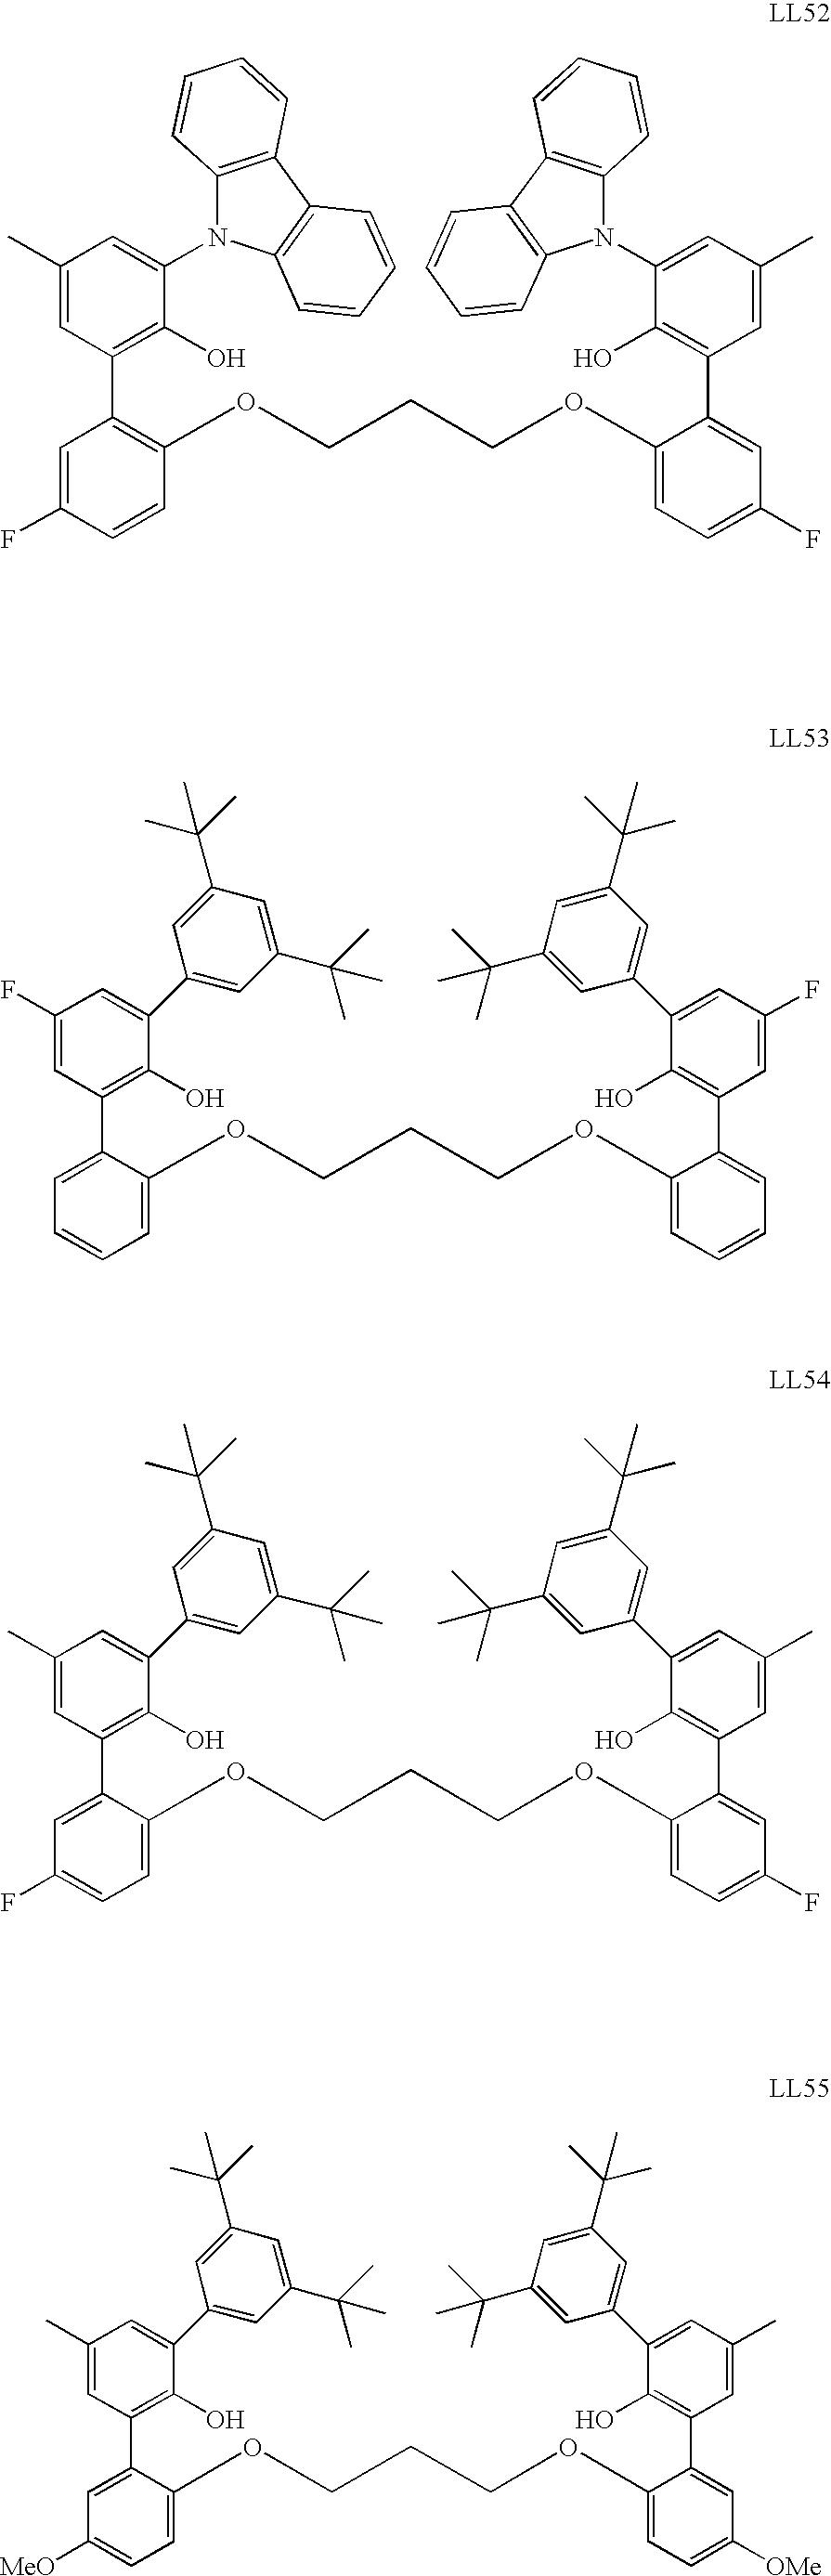 Figure US07241715-20070710-C00080